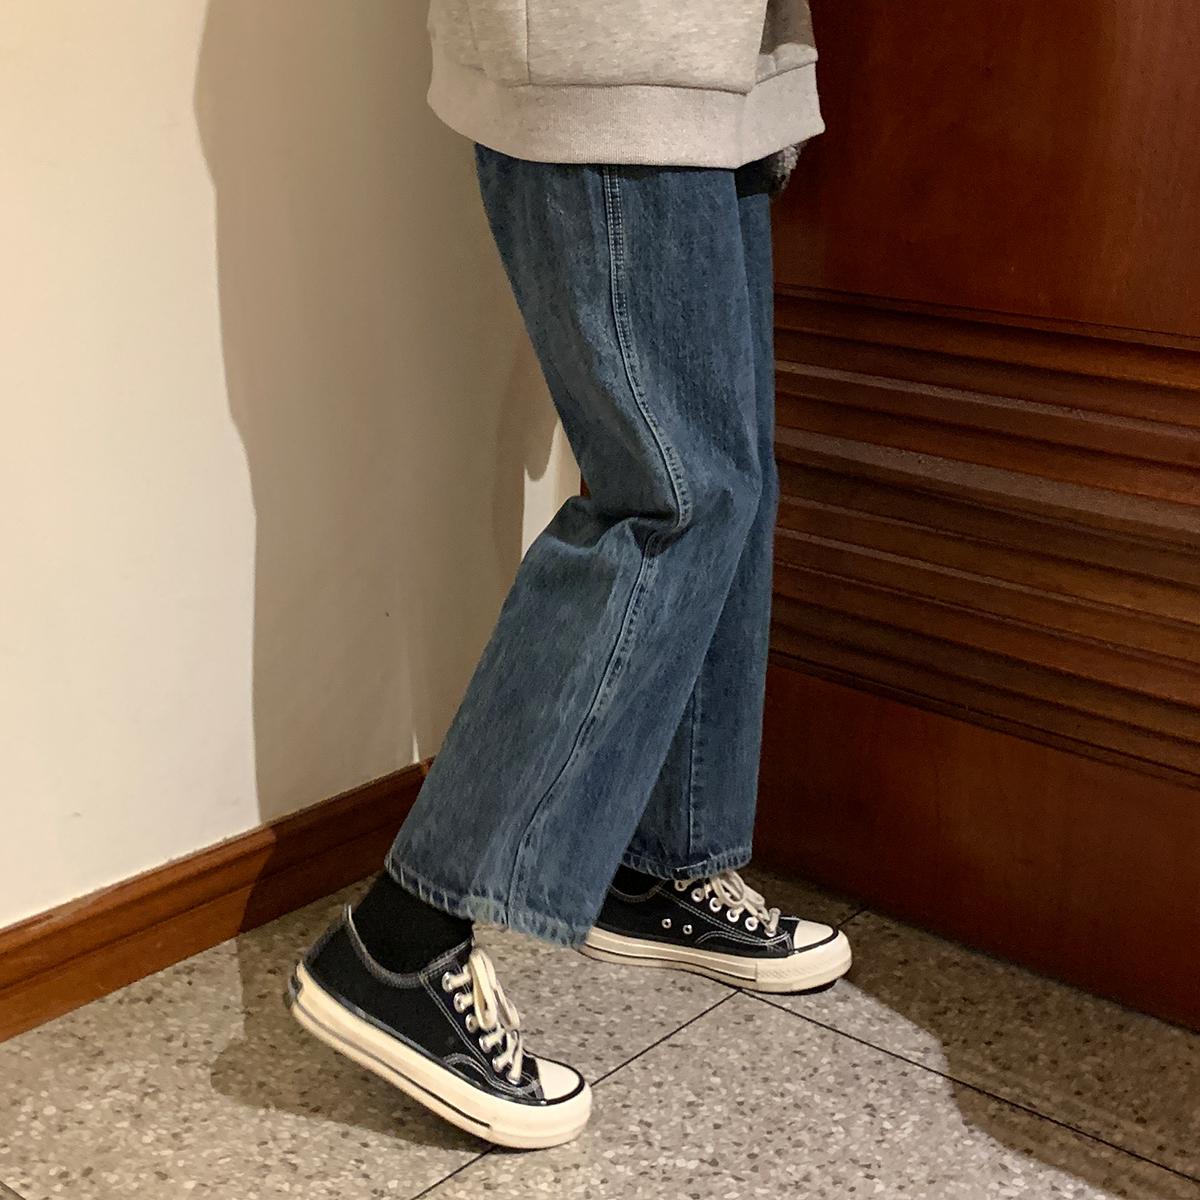 馨帮帮Sinbounboun自制 韩版学生宽松直筒深蓝色工装水洗牛仔裤女